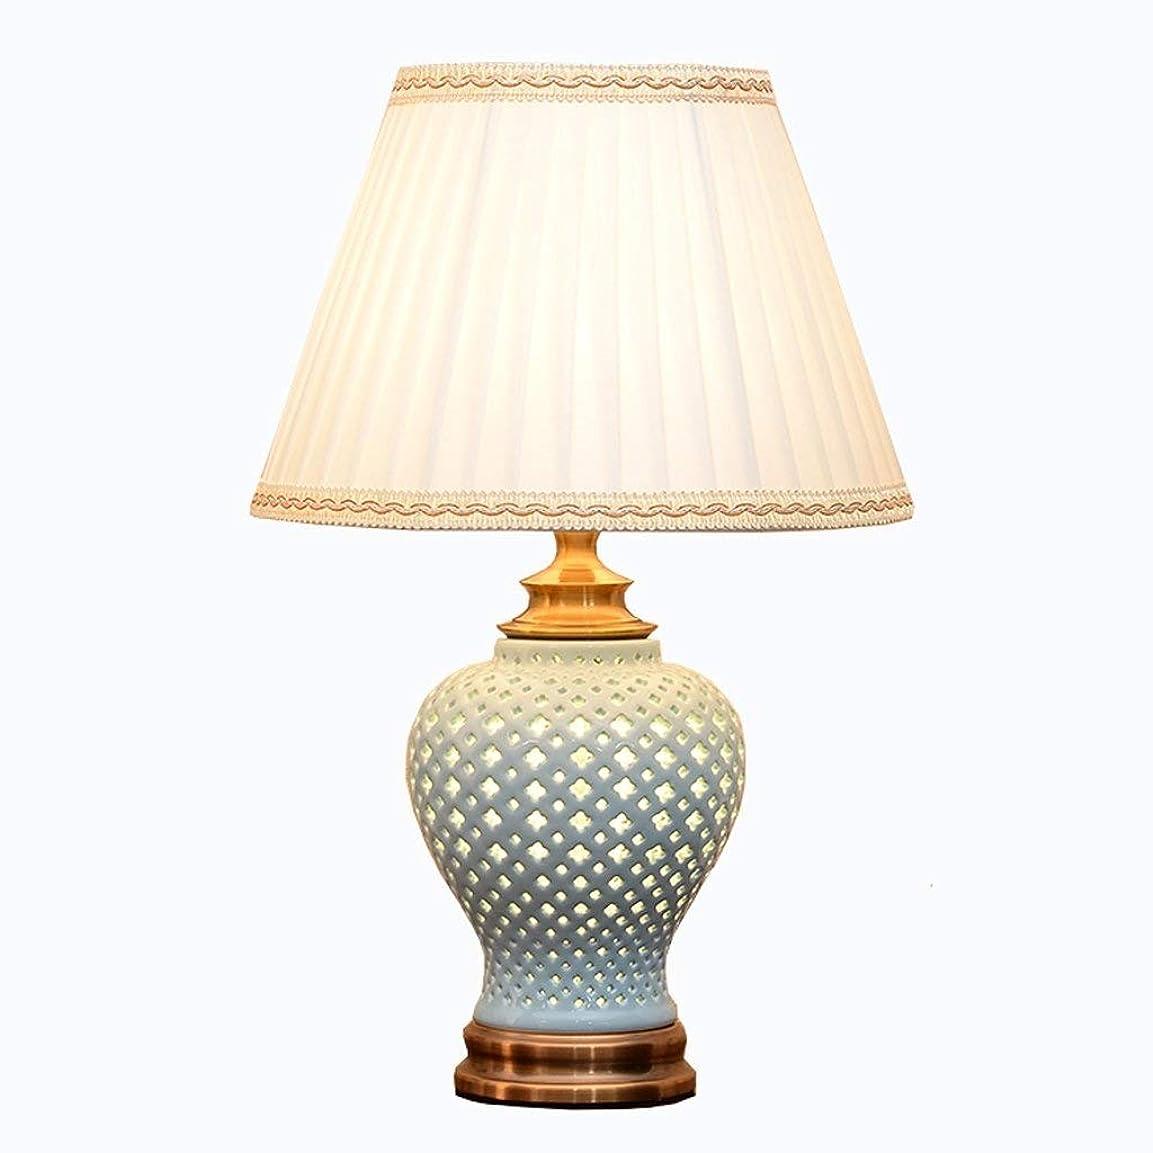 規範場合自伝Lcxghs 調節可能なベッドサイドランプ、モダンなシンプルなセラミックテーブルランプ、コンチネンタルリビングルーム寝室保存ランプ